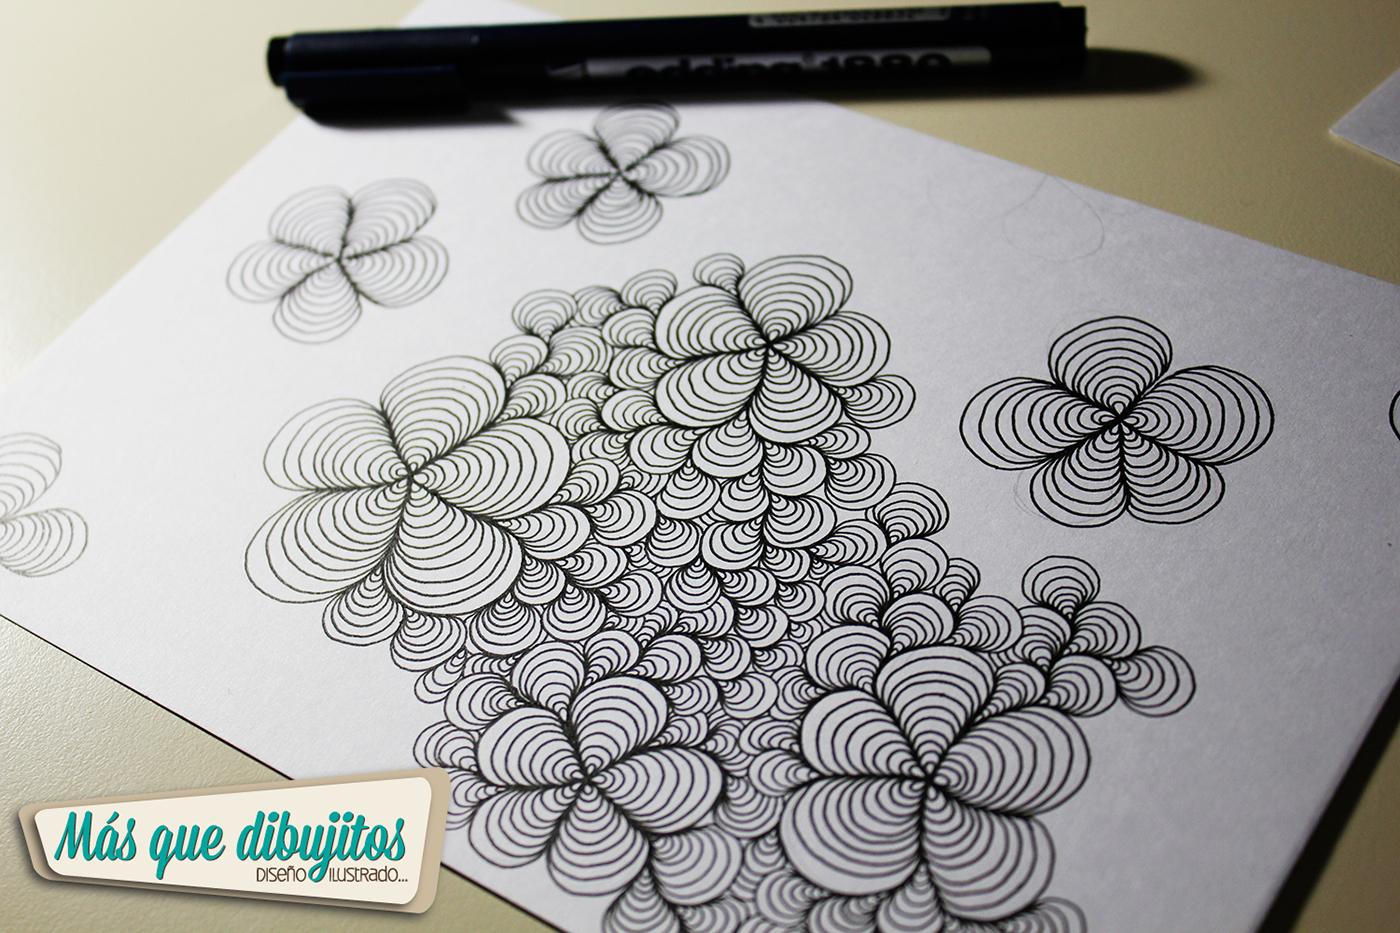 Dibujo De Hada Para La Portada De Una Libreta De Una Ni A: Proceso De Dibujo Para Tapa De Cuaderno On Behance